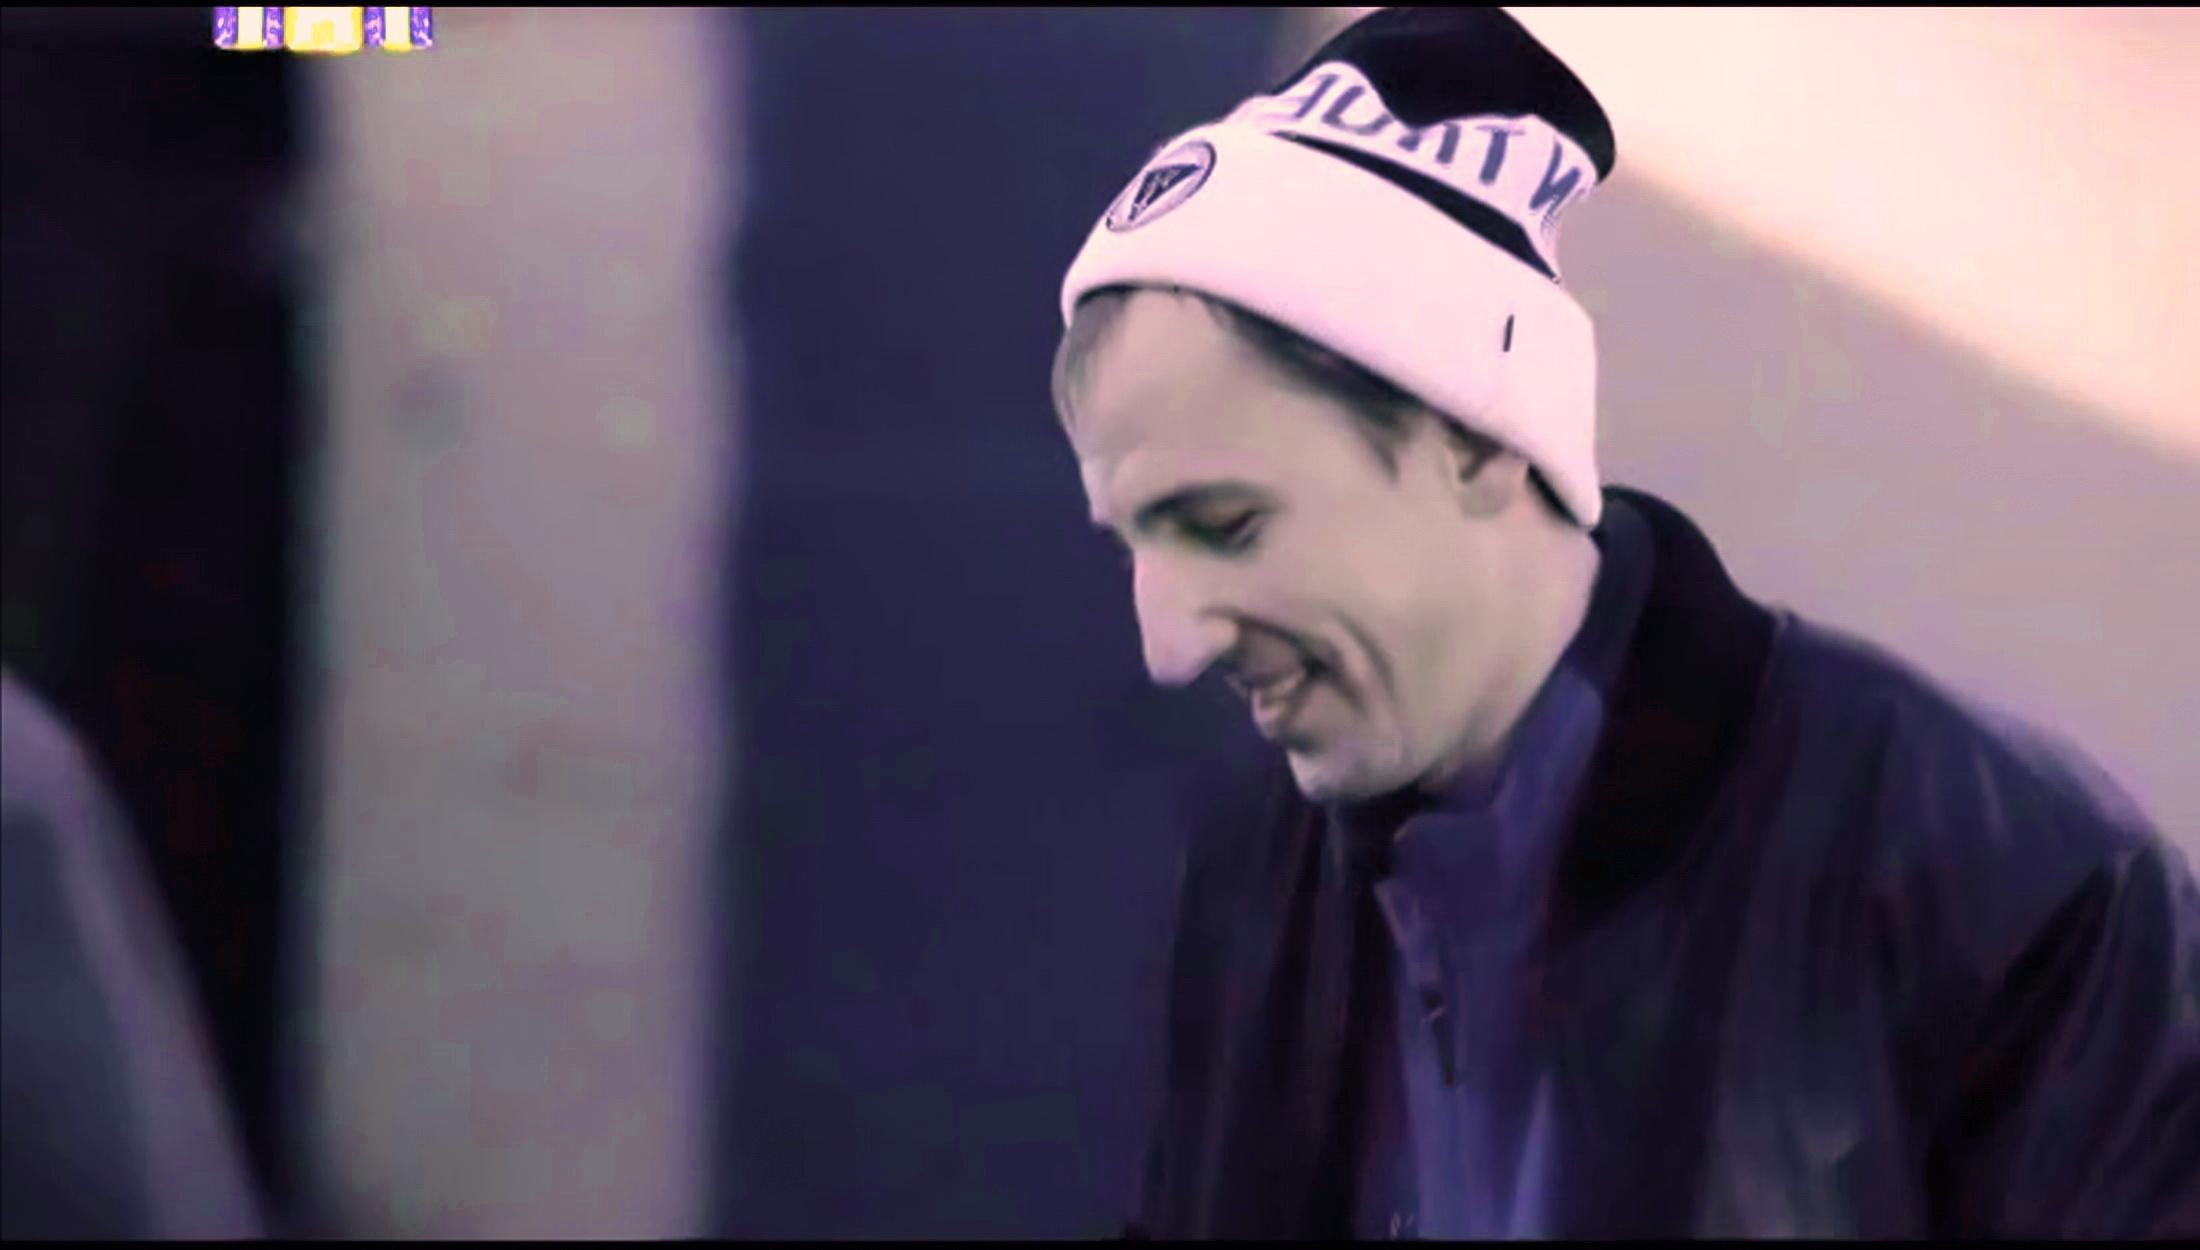 Петр Буслов из фильма Бумер